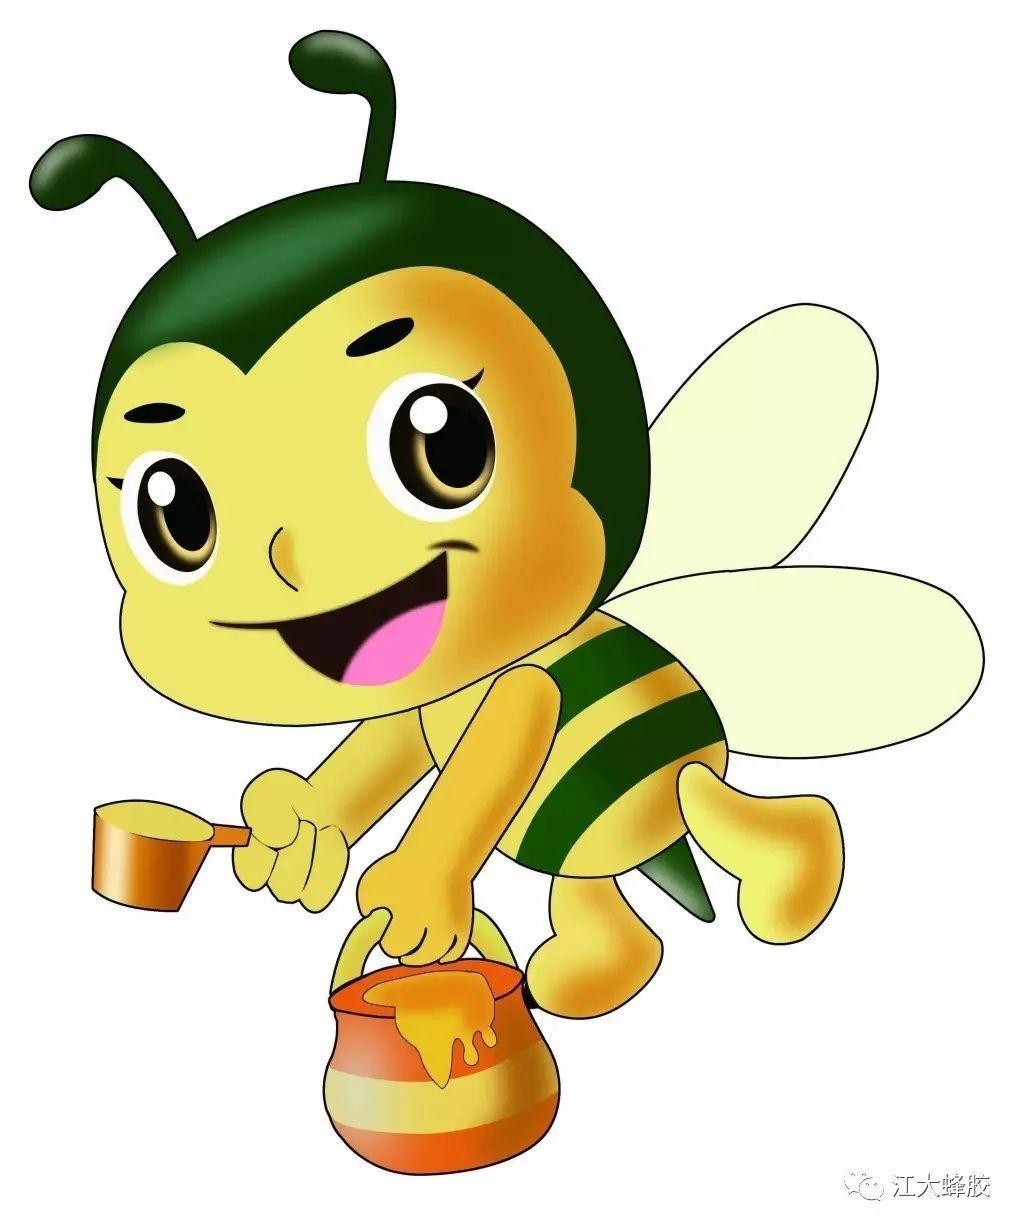 怎样储存蜂蜜 长白山蜂蜜农场面积 鸿香源蜂蜜好吗 白醋蜂蜜水能减肥吗 虾泡蜂蜜能钓海鱼吗